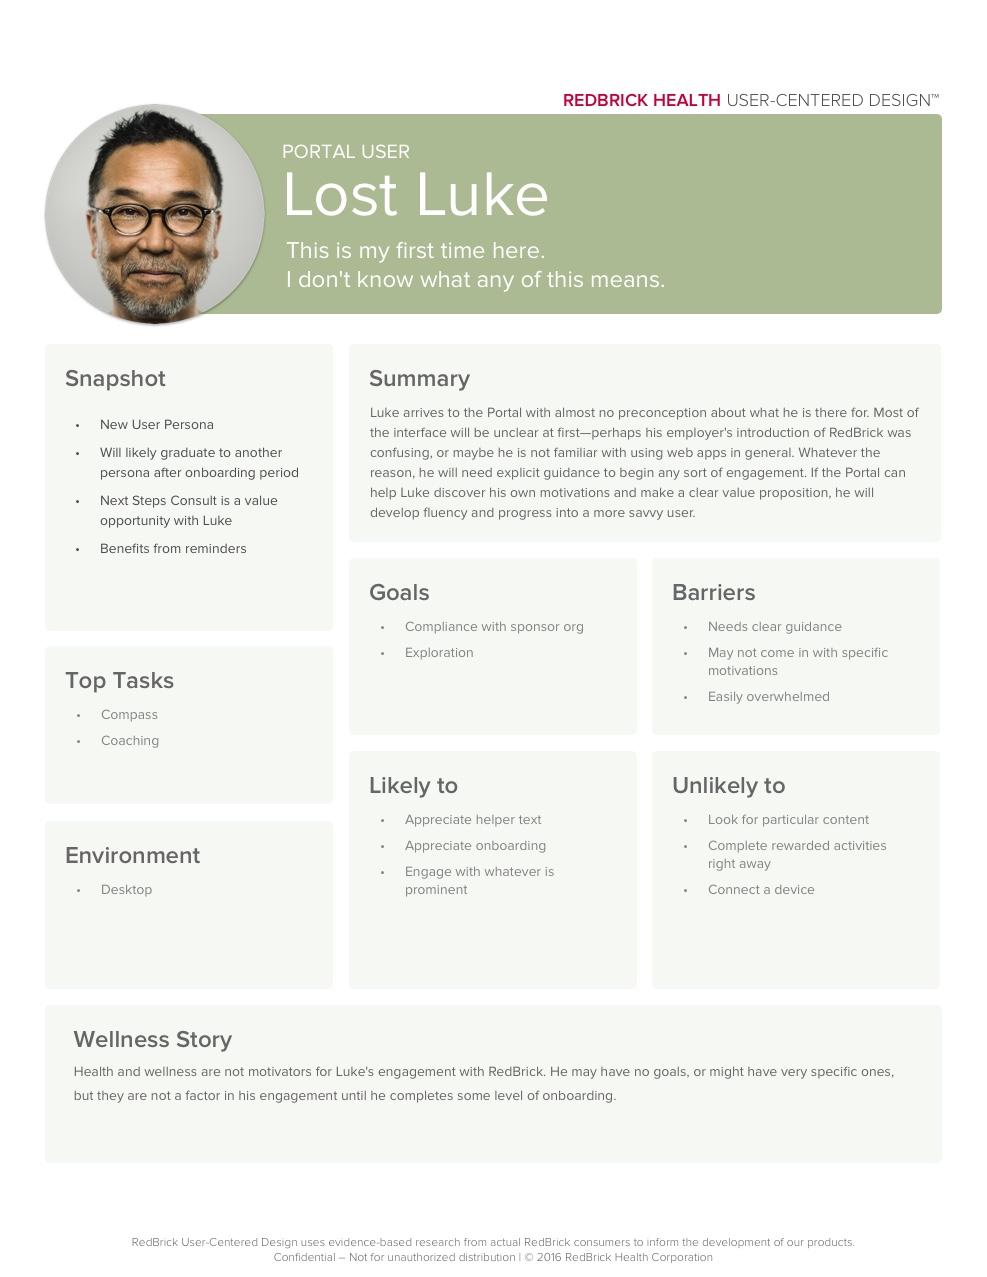 Portal User - Lost Luke.jpg